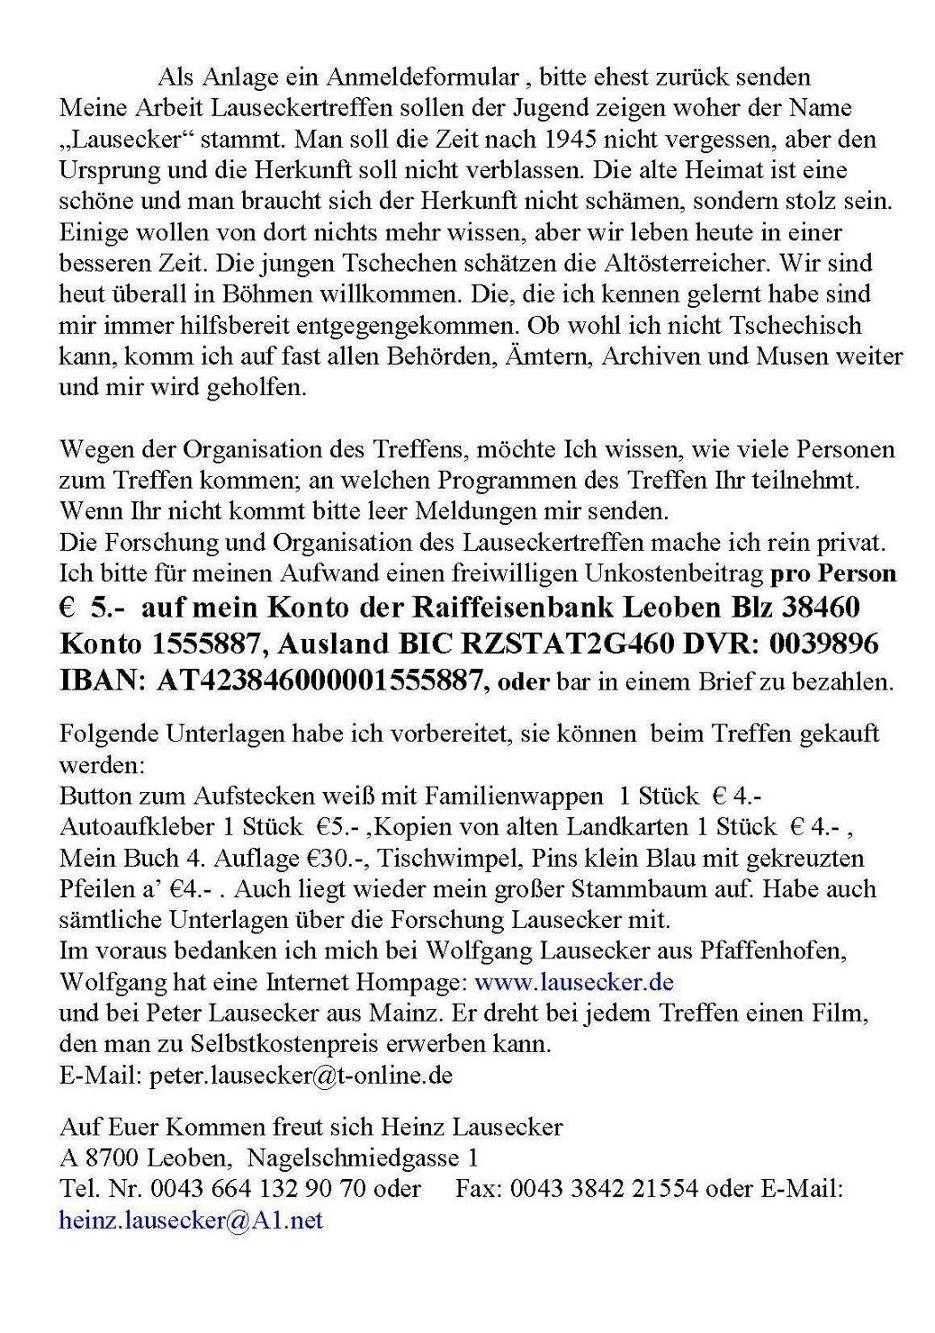 Stammbaum der Familie Lausecker aus Kaplitz - Einladung zum ...